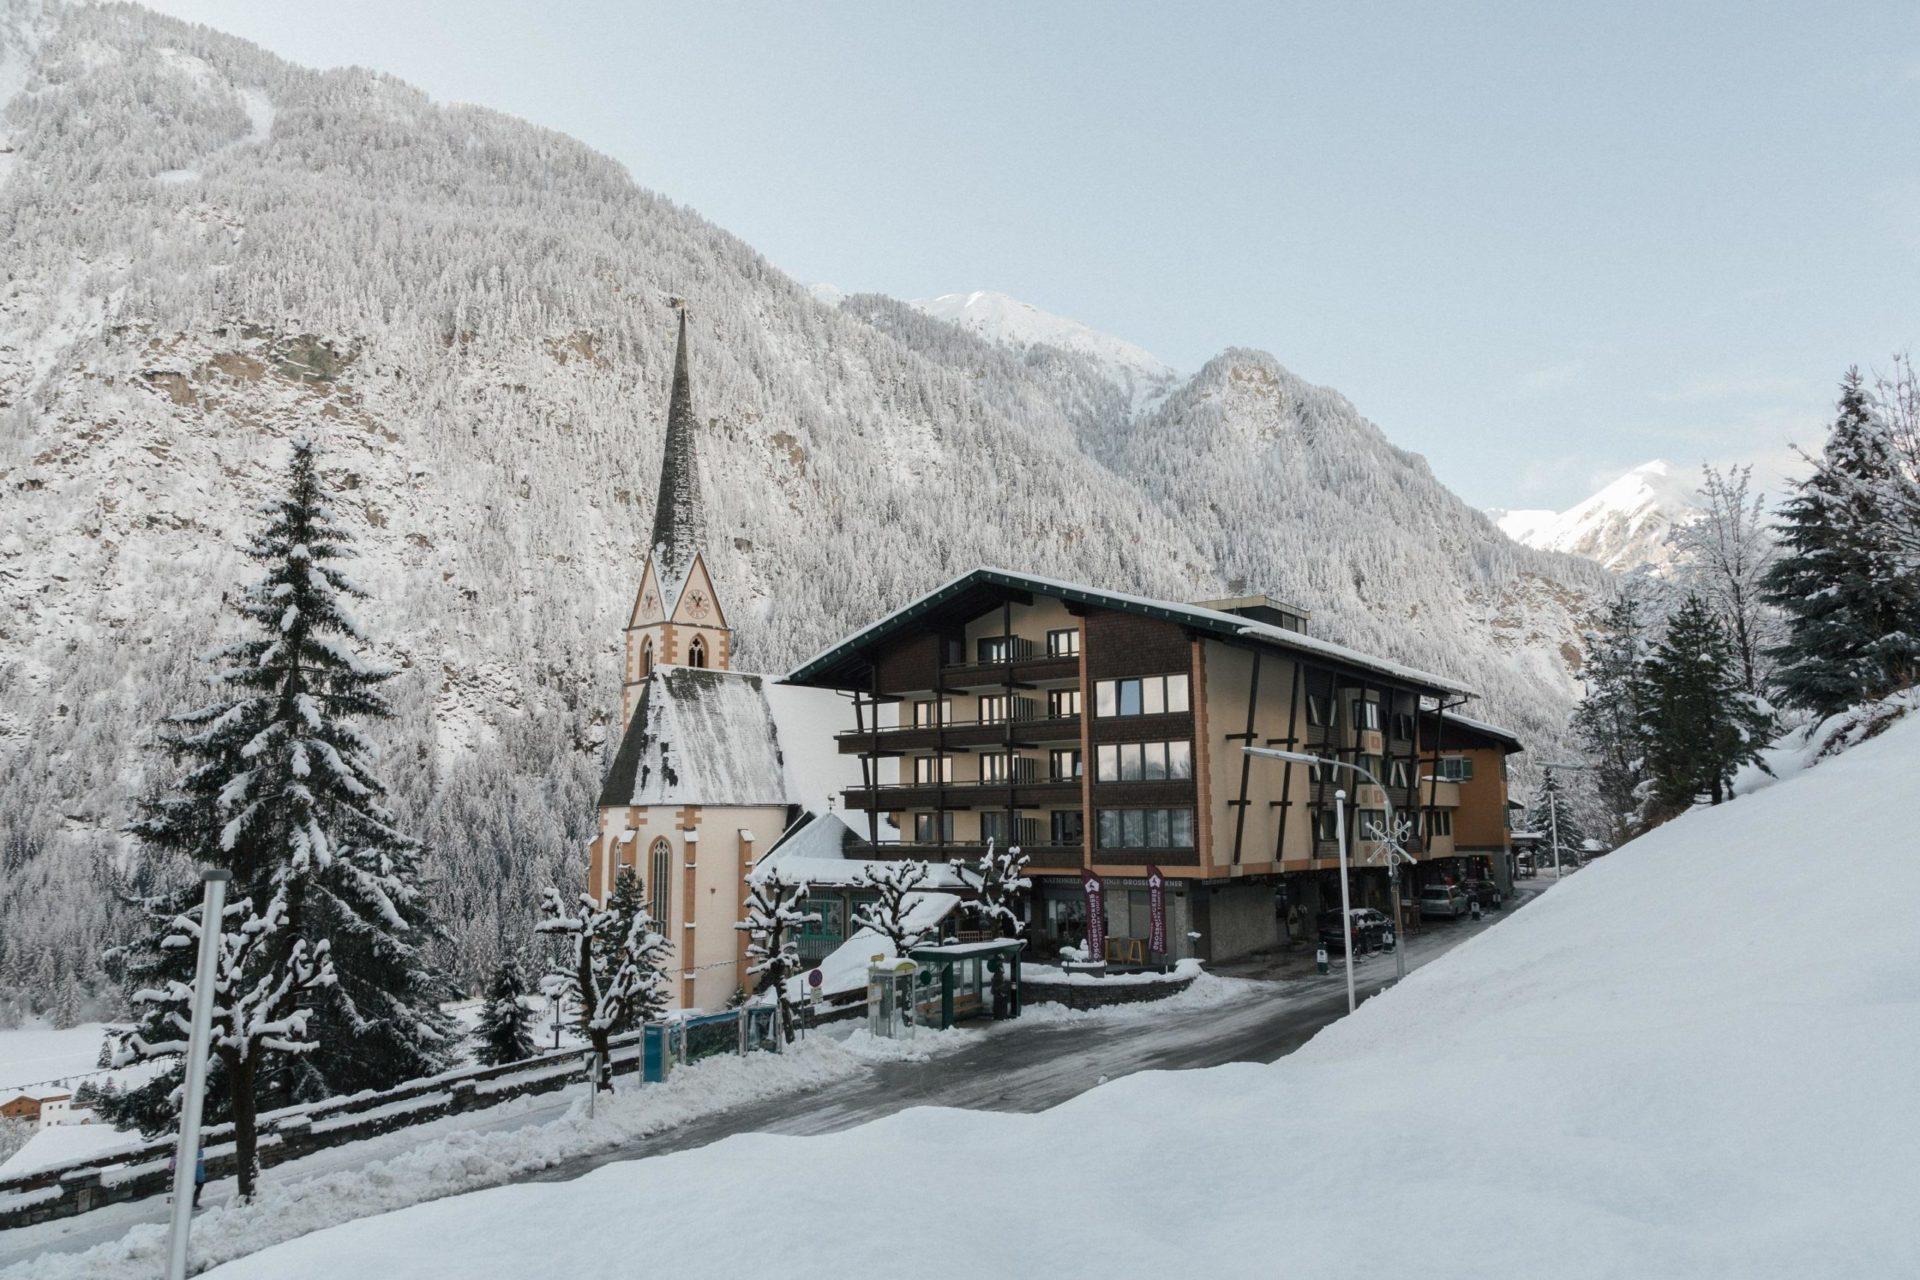 Nationalpark Lodge Grossglogkner in Heiligenblut